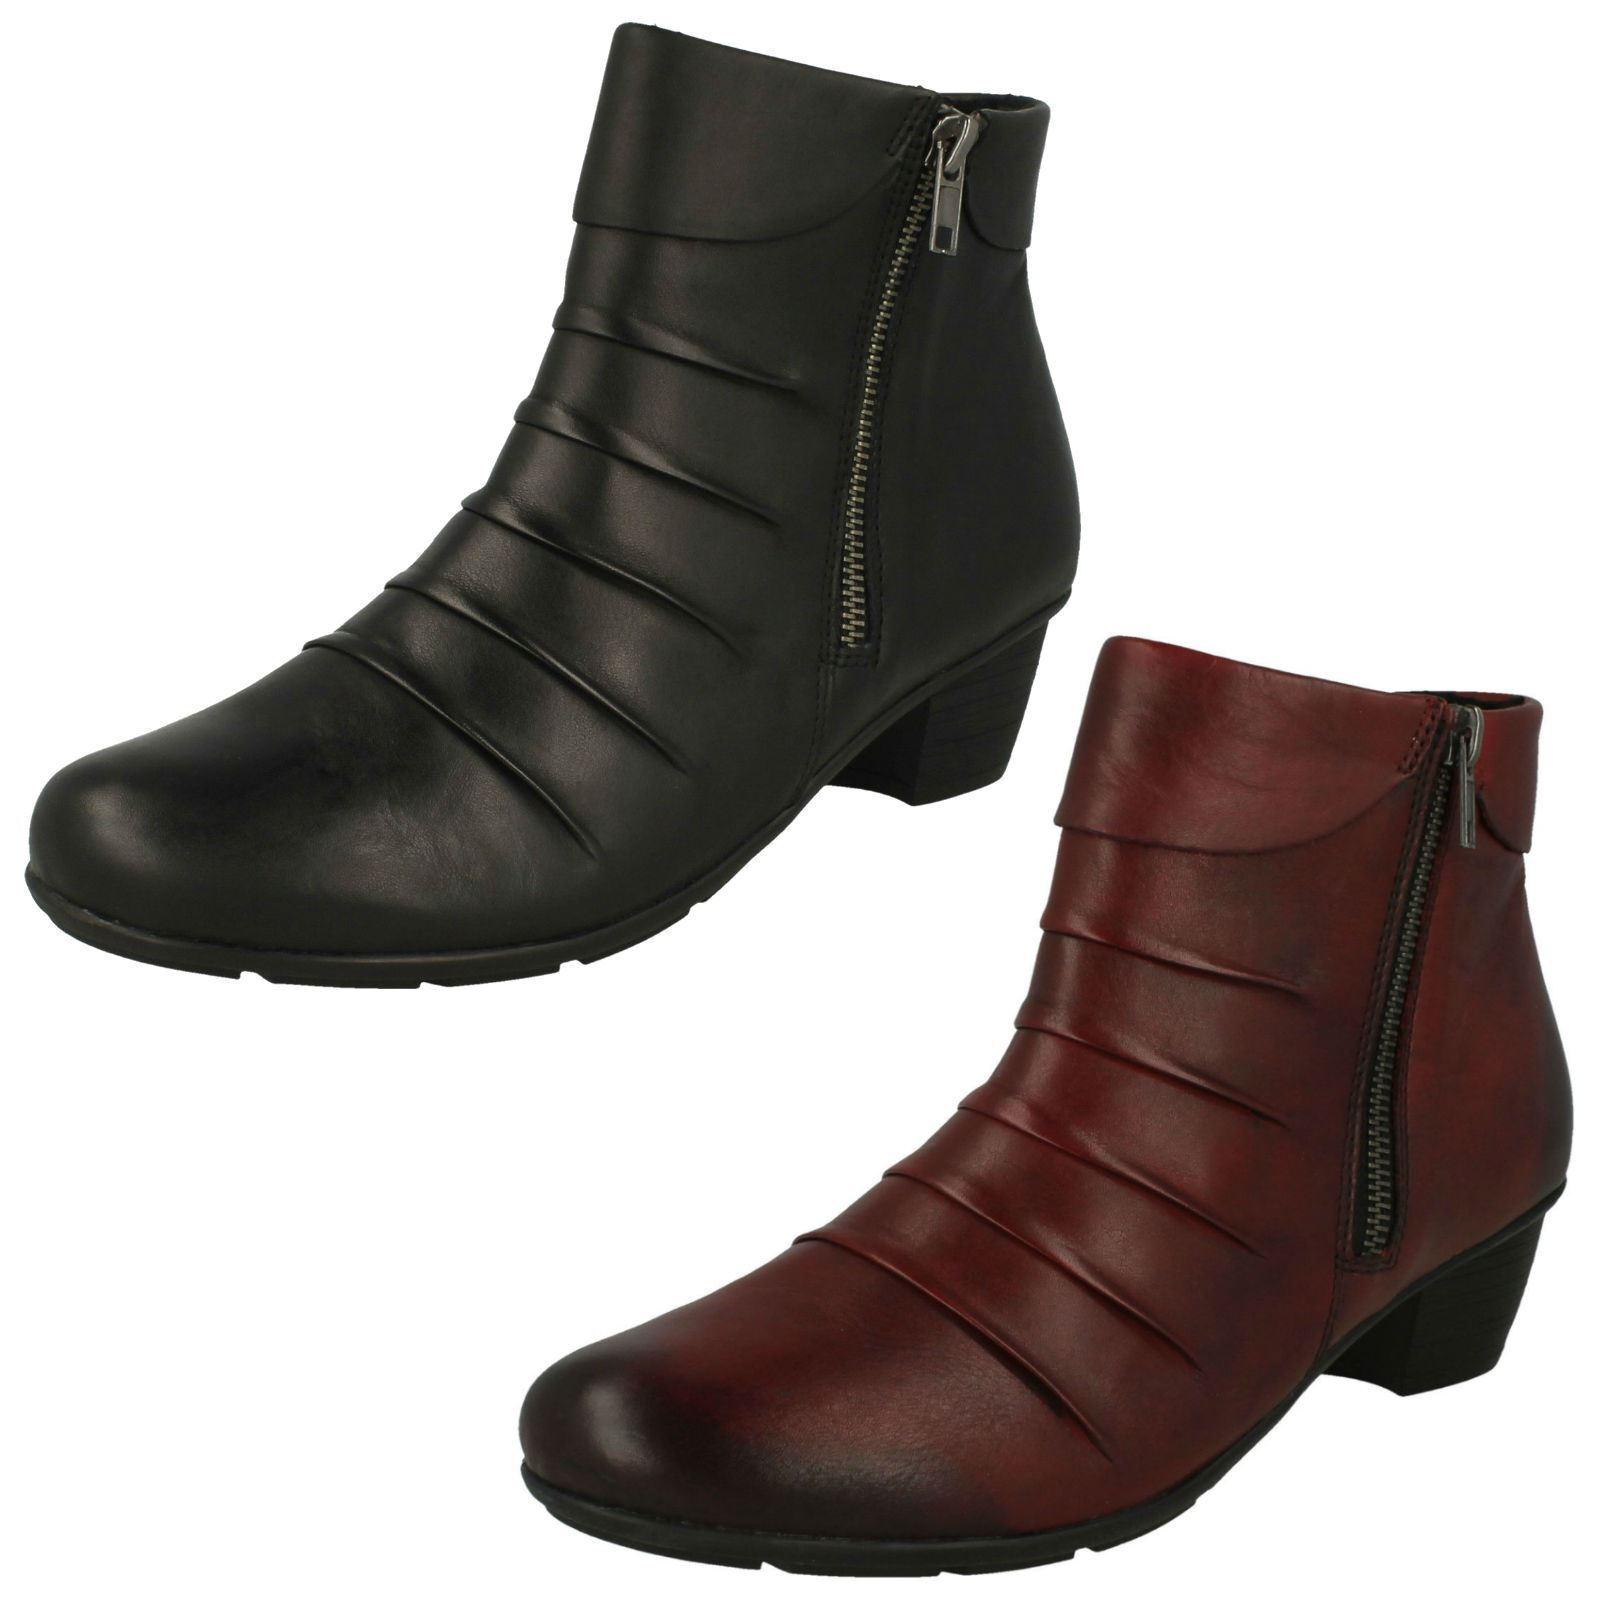 Damas Remonte R7571 Negro O Rojo Cuero Cremallera botas al tobillo